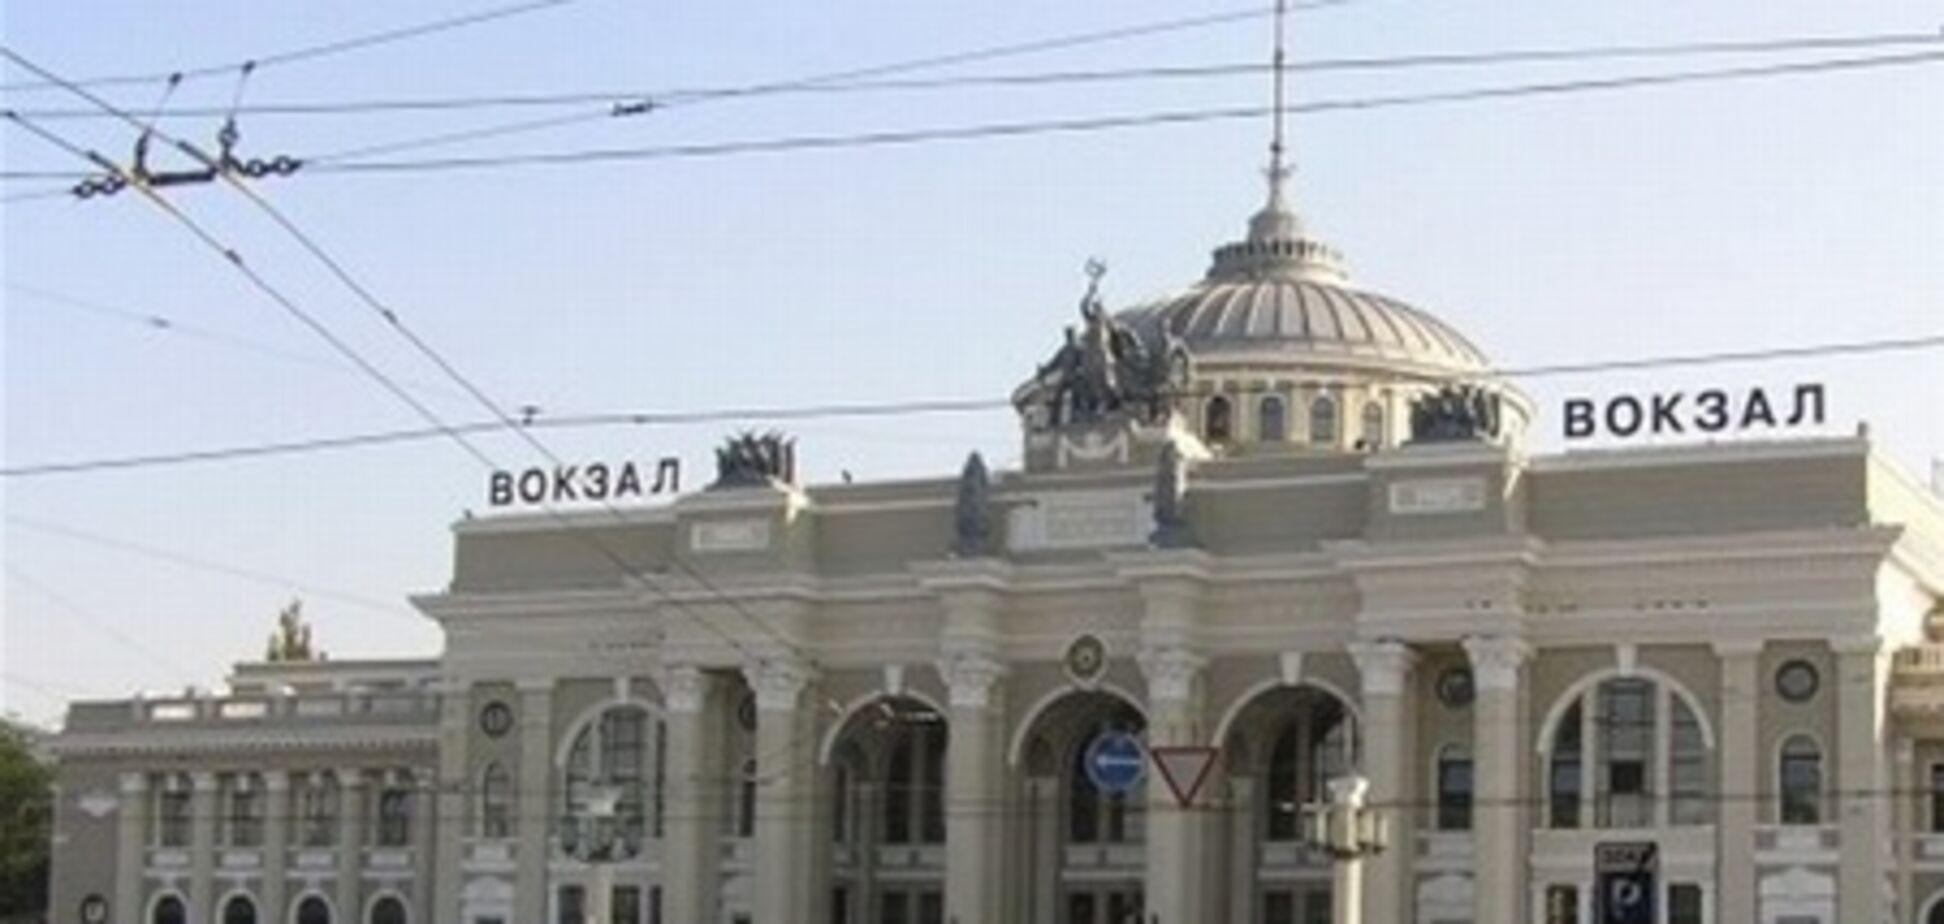 На одеському вокзалі живцем згорів чоловік